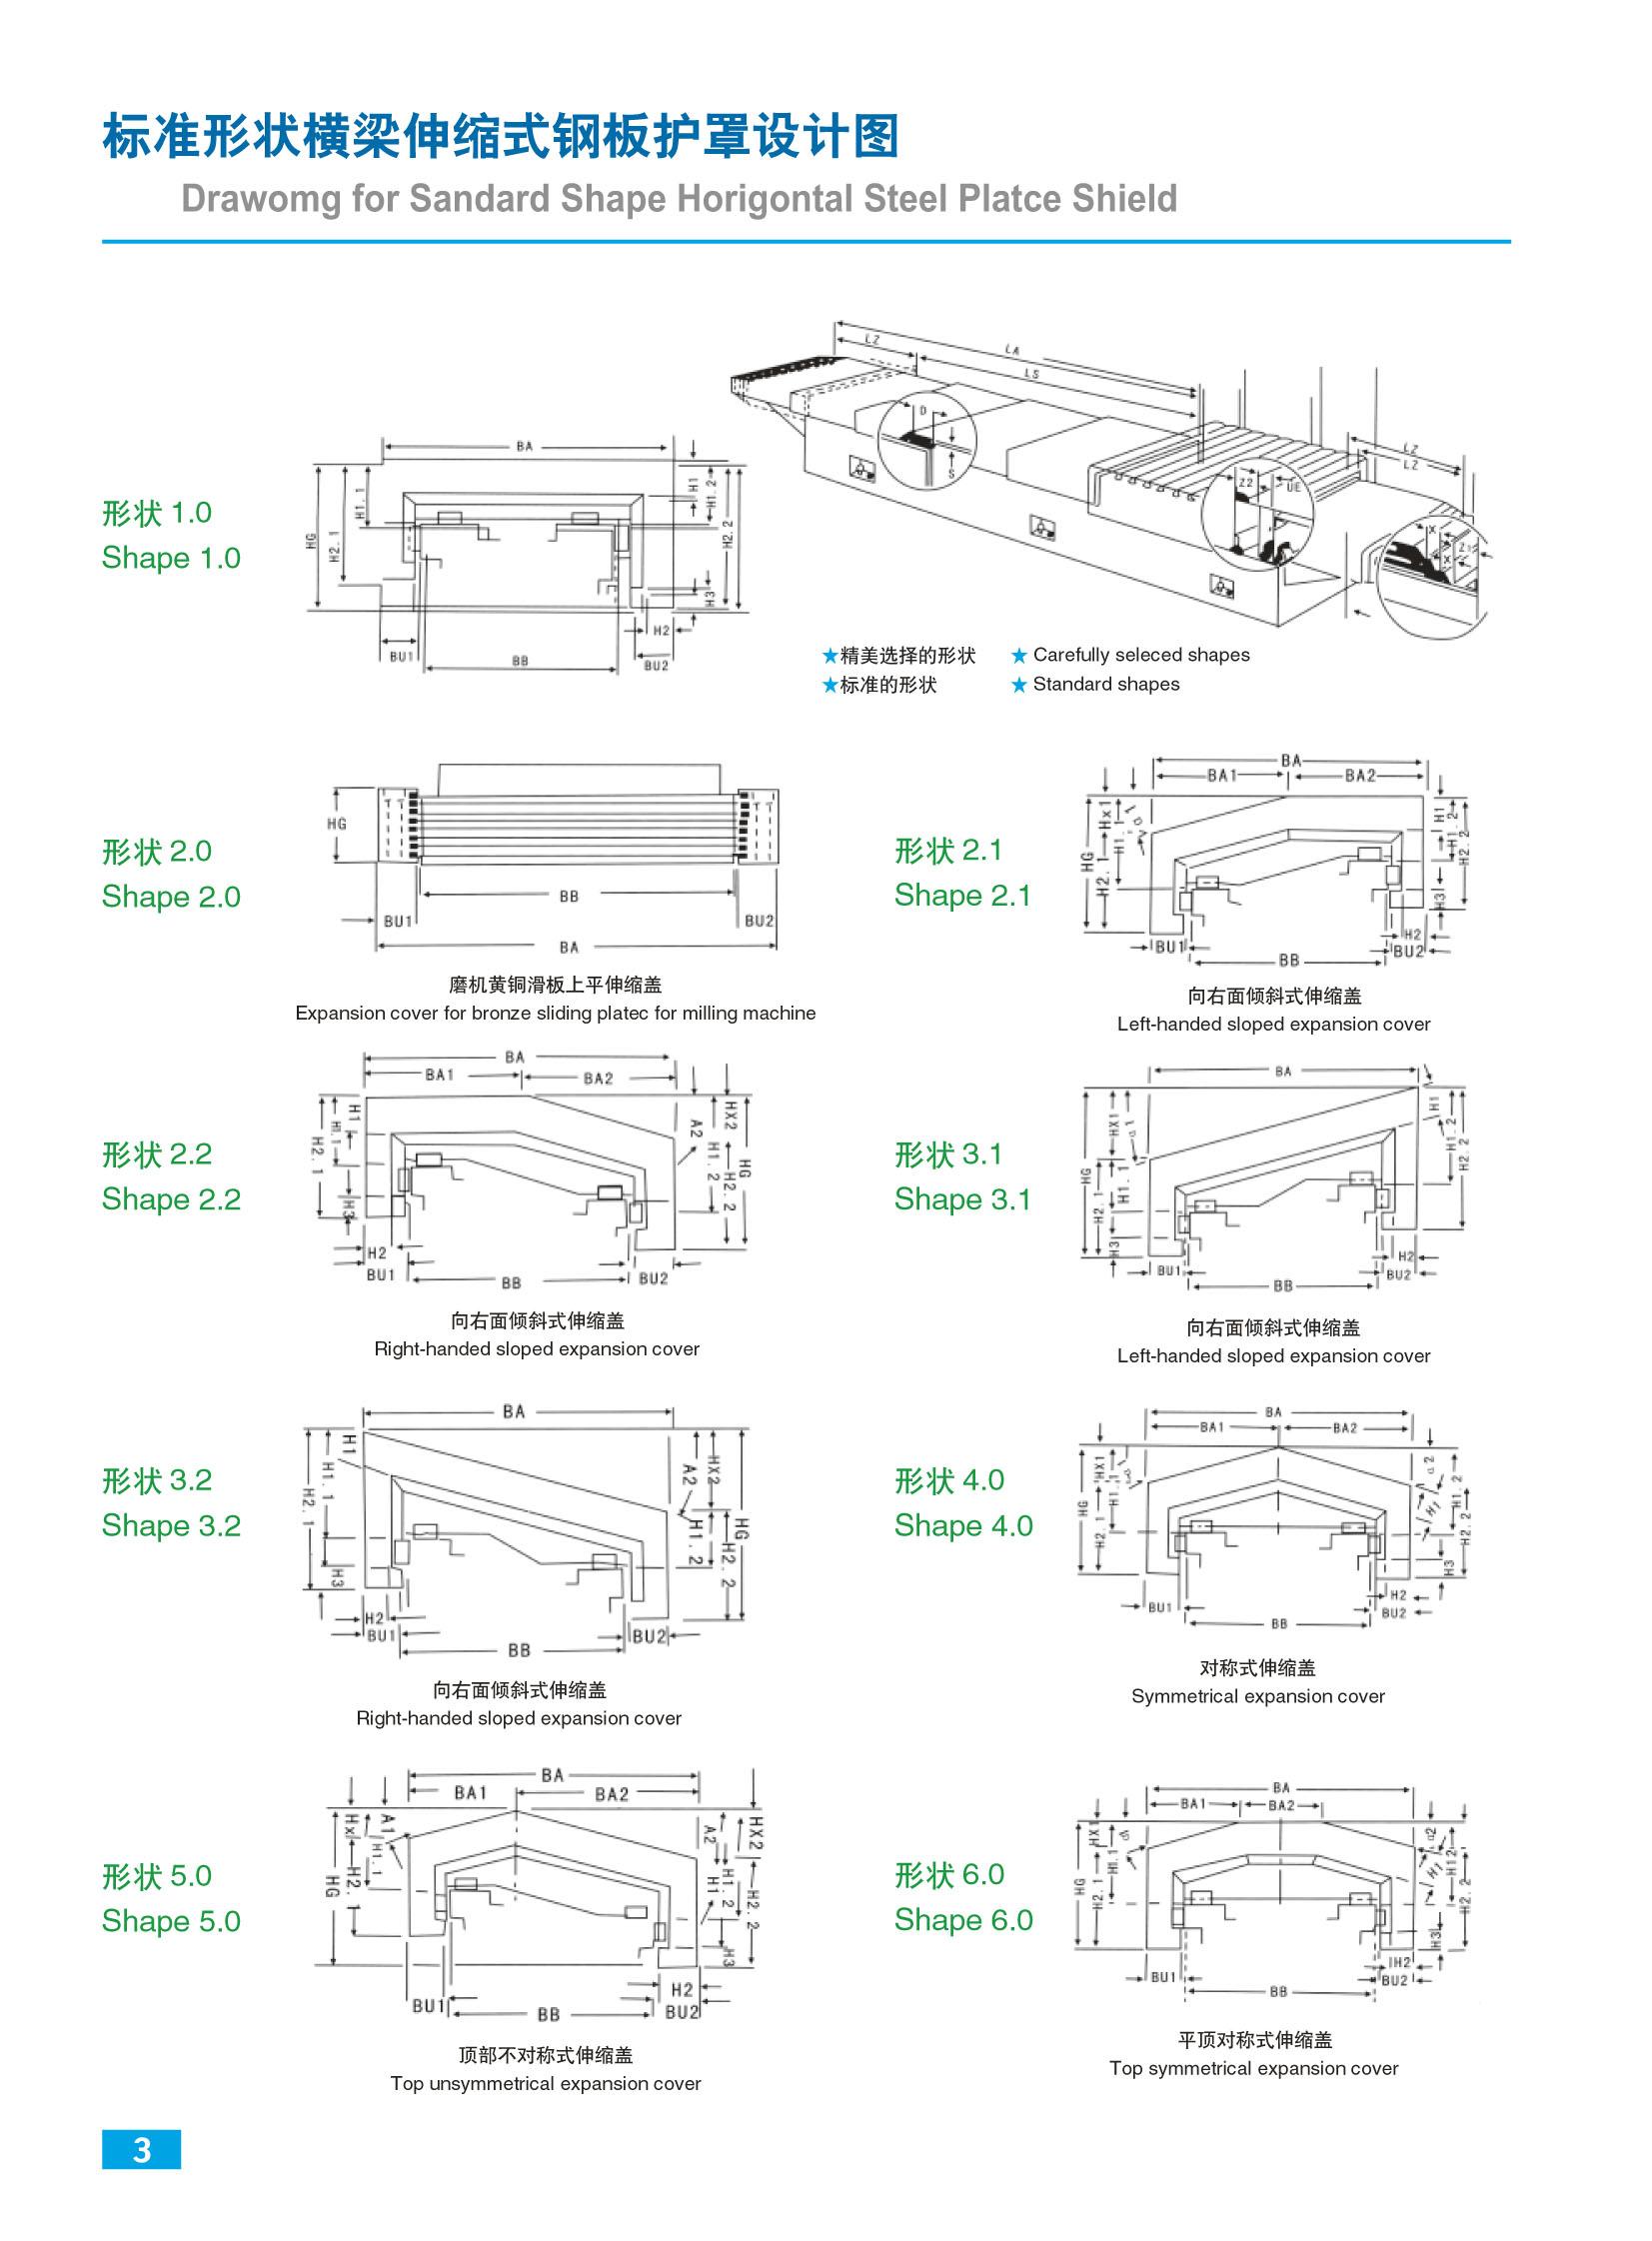 标准形状横梁伸缩式钢板护罩设计图-庆云天城机床附件